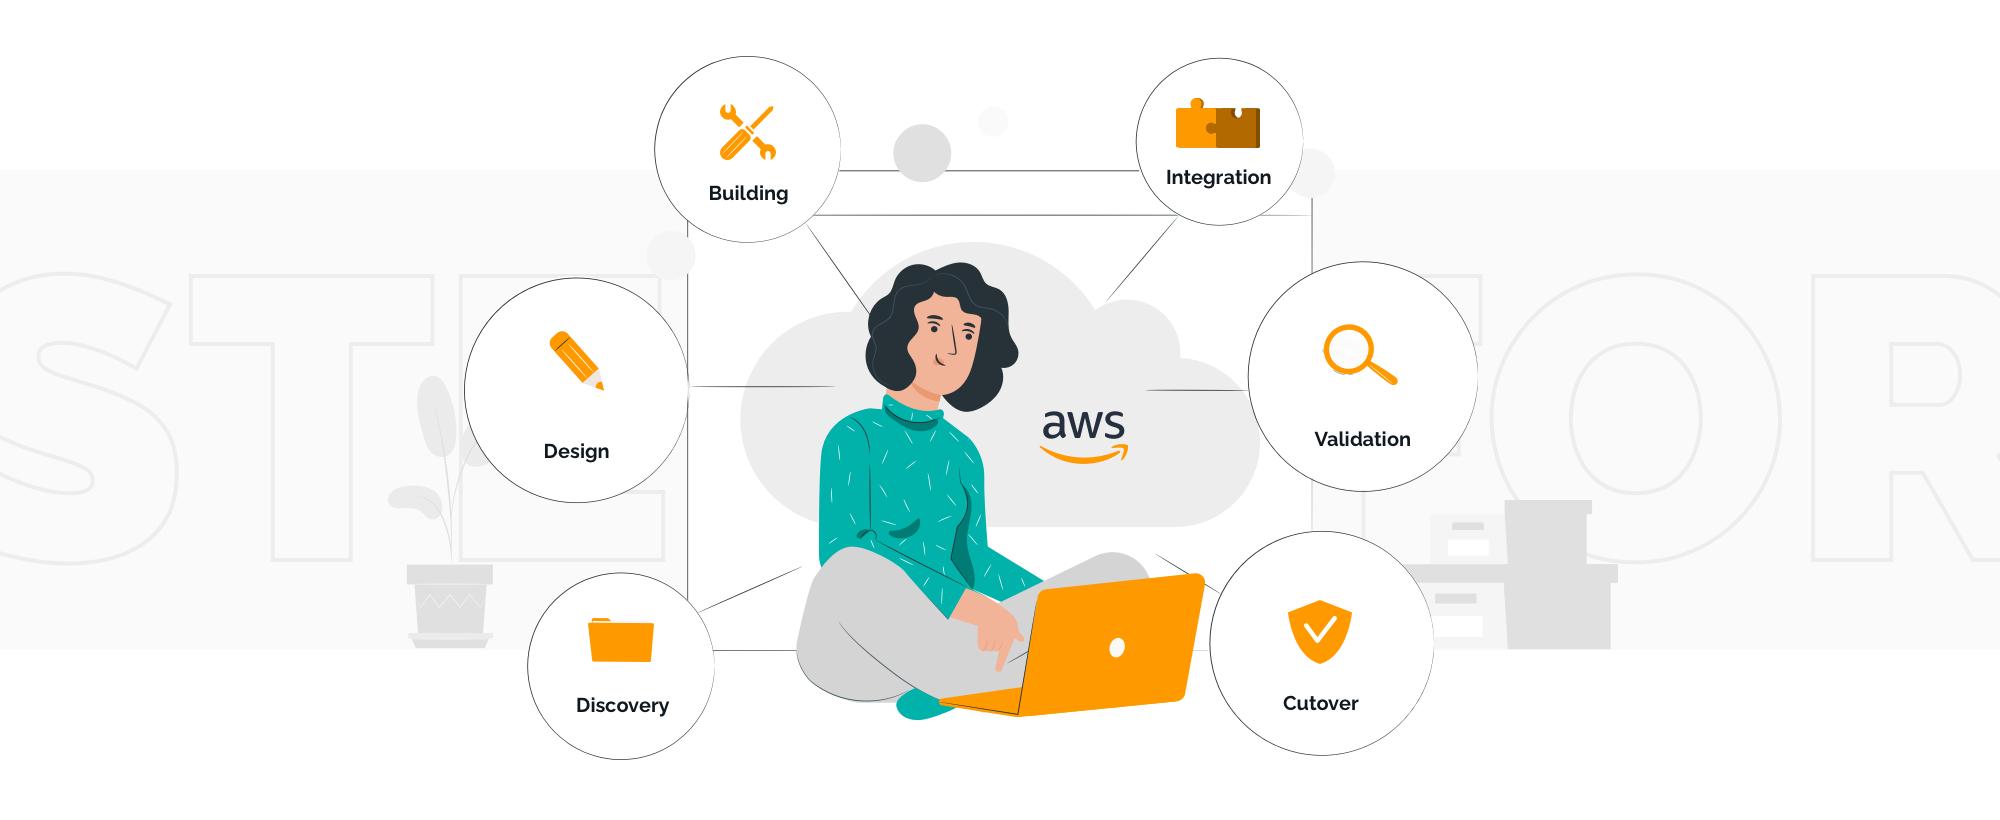 AWS cloud migration steps | TechMagic.co